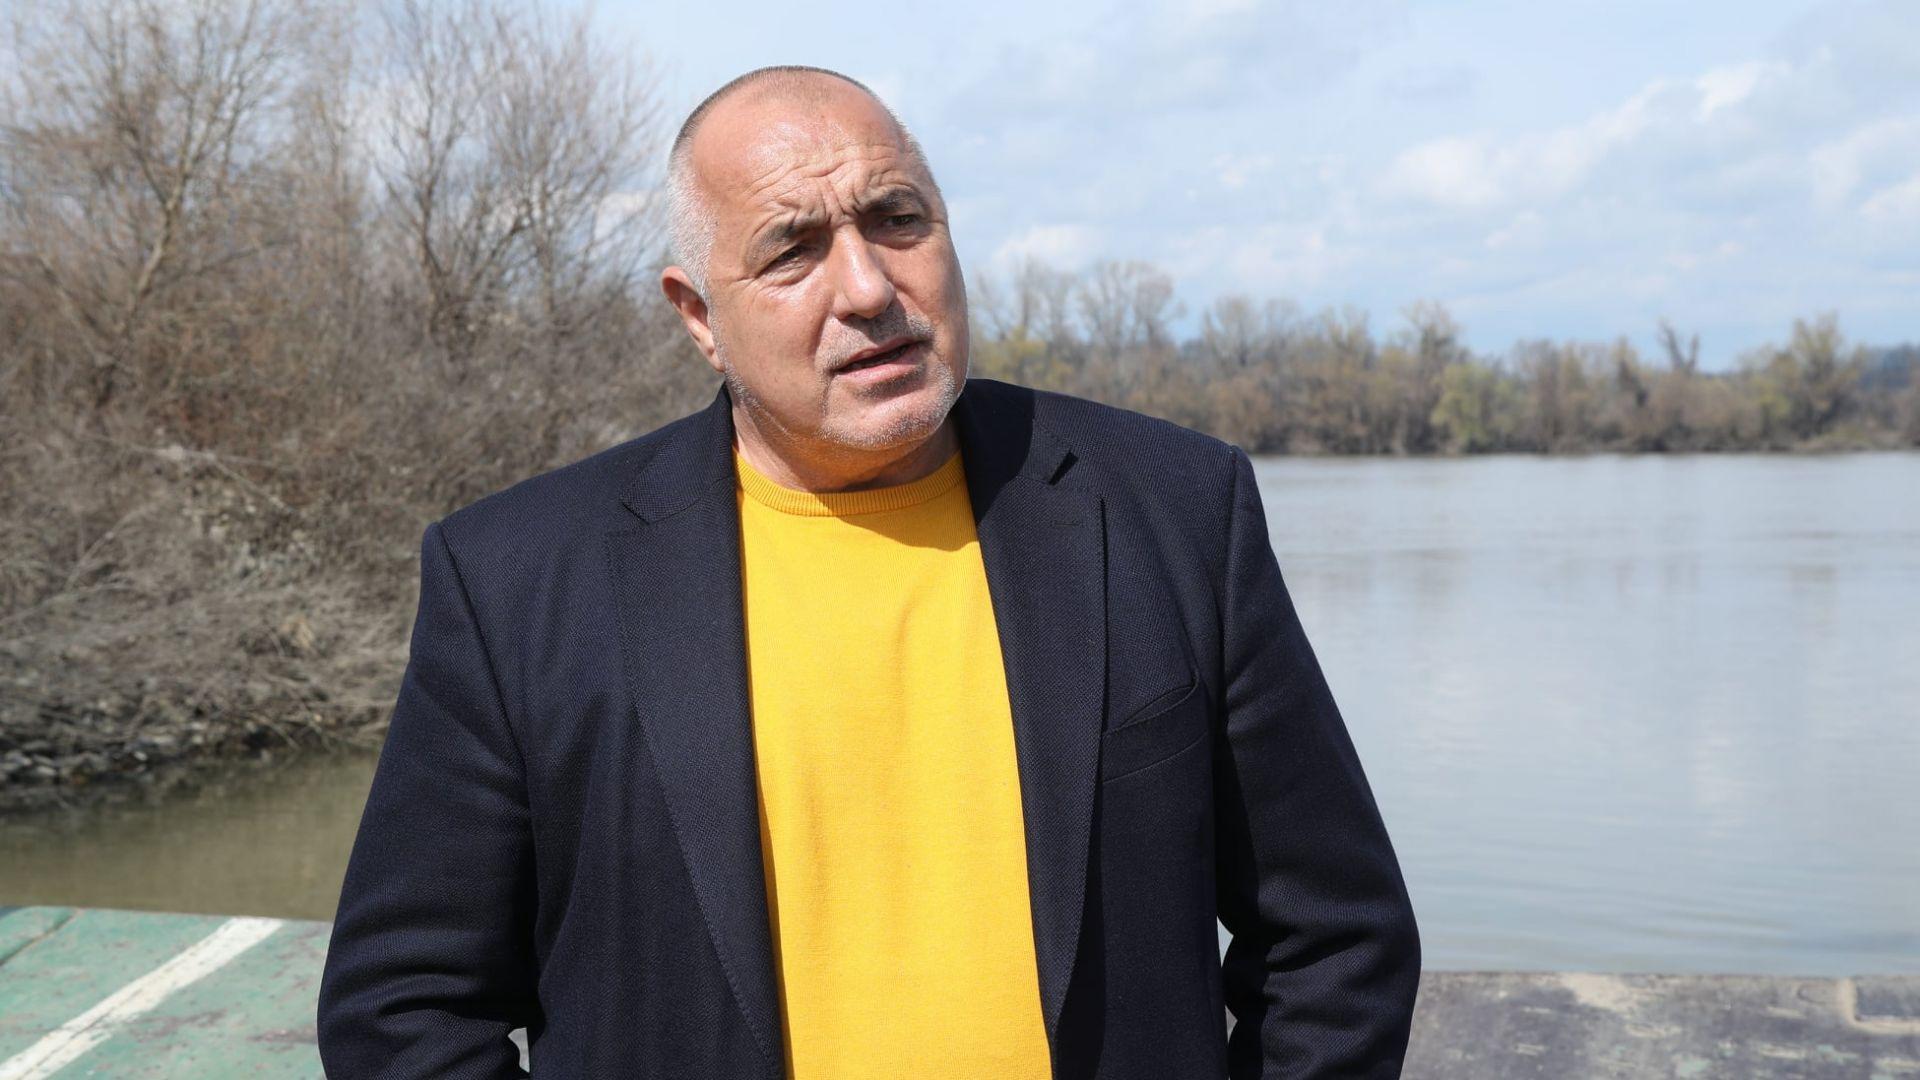 Бойко Борисов: По 19 милиона лева на ден струва шоуто в парламента (видео)